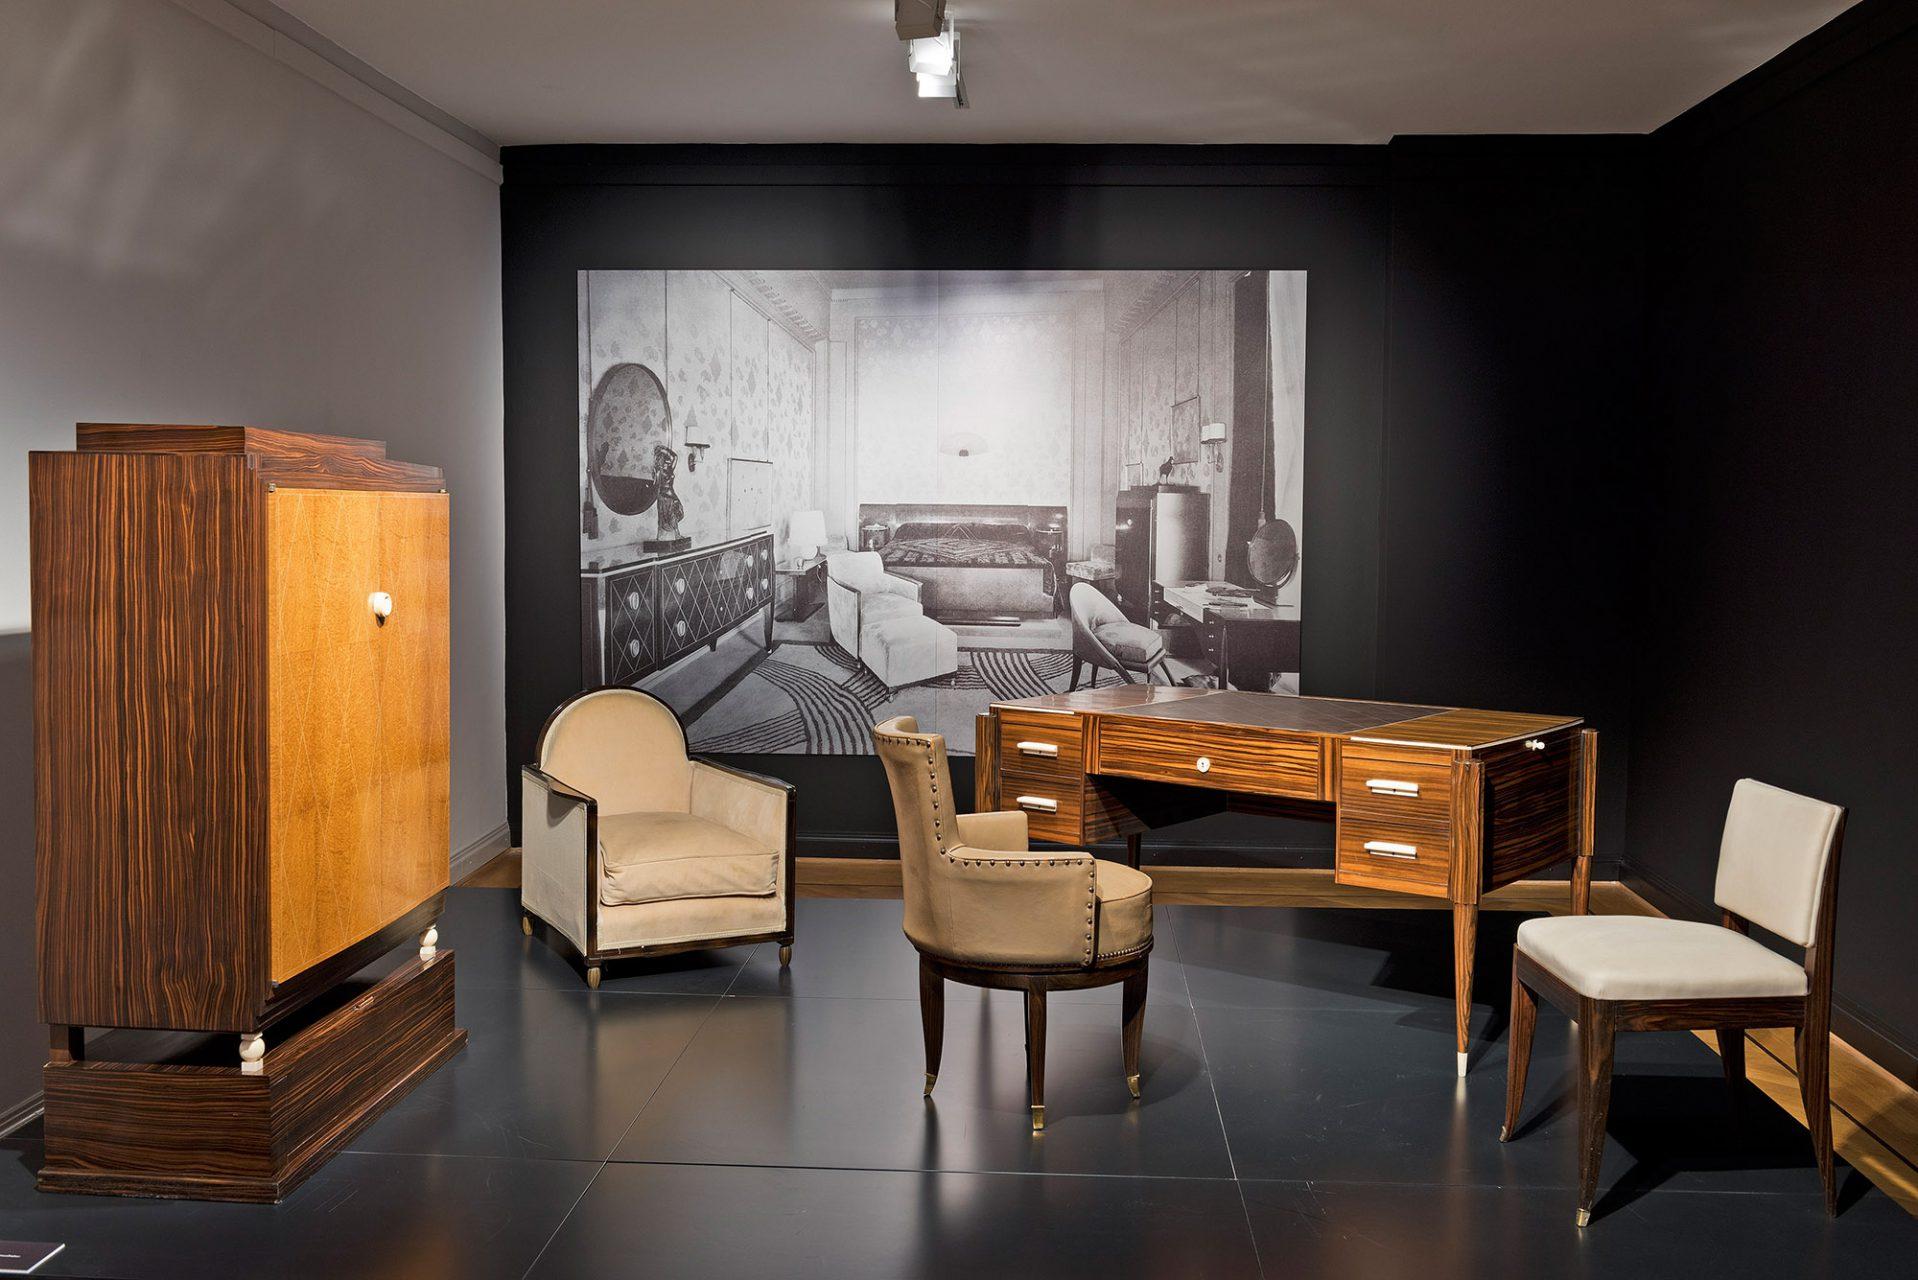 """Paris 1925.  Der französische Art déco hingegen war ein Luxusstil, der kostbare Materialien bevorzugte. Für die """"Exposition Internationale des Arts Décoratifs et Industriels Modernes"""" statteten Edgar Brandt (1880–1960) und Jacques-Émile Ruhlmann (1879–1933) einen eigenen Pavillon aus."""